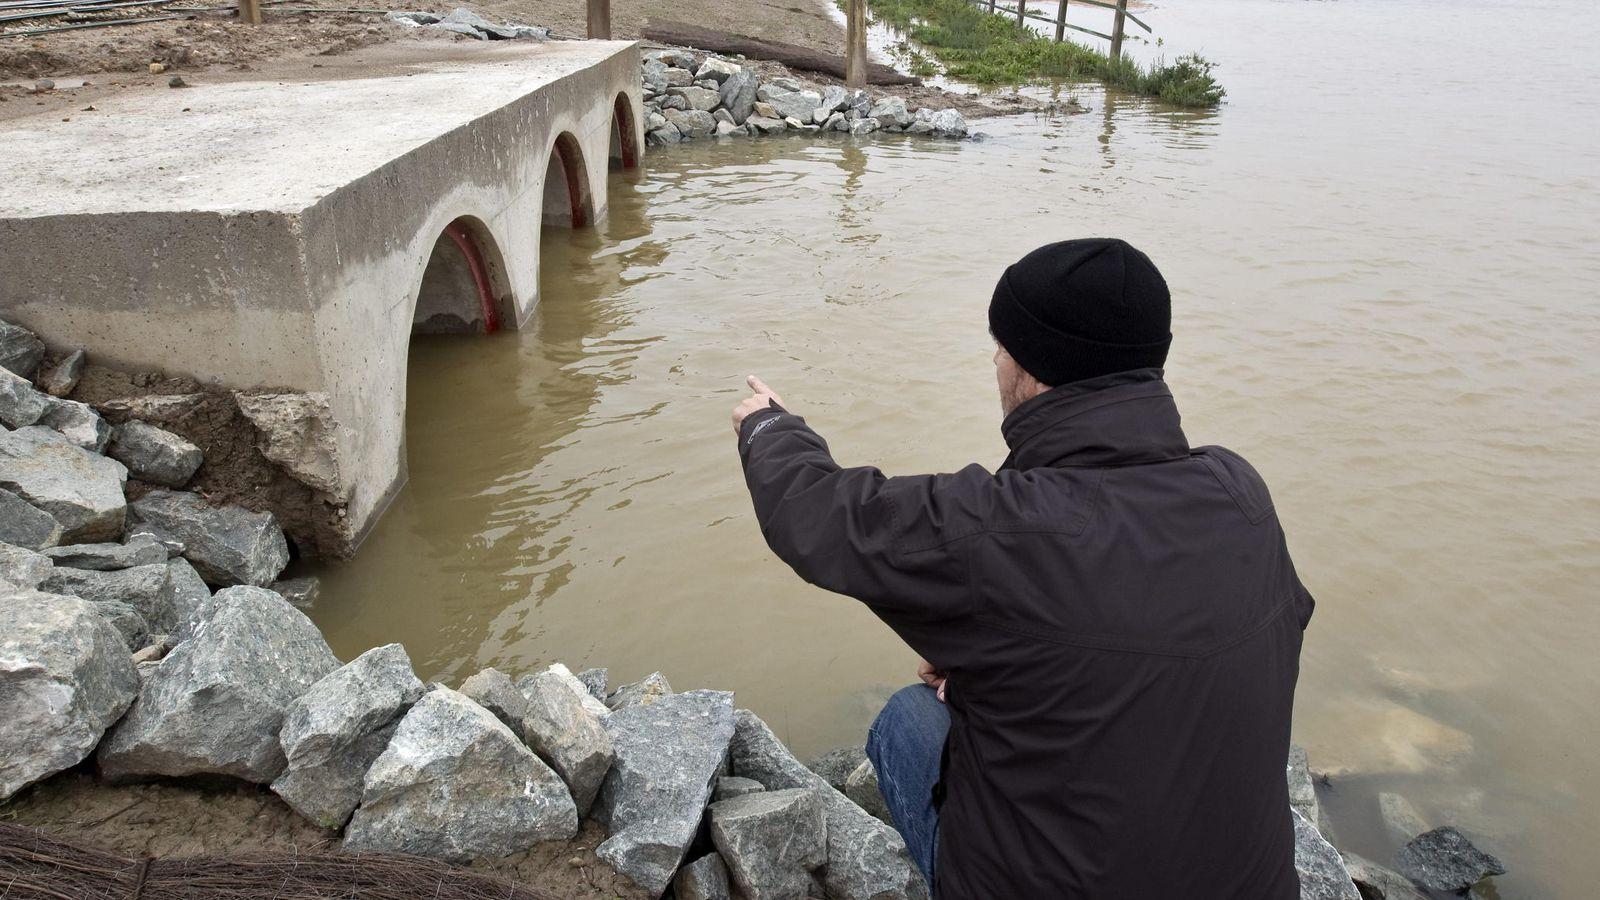 Foto: Vista de las obras que la CHG llevó a cabo para permeabilizar el muro que aislaba el caño del Guadiamar. (EFE)